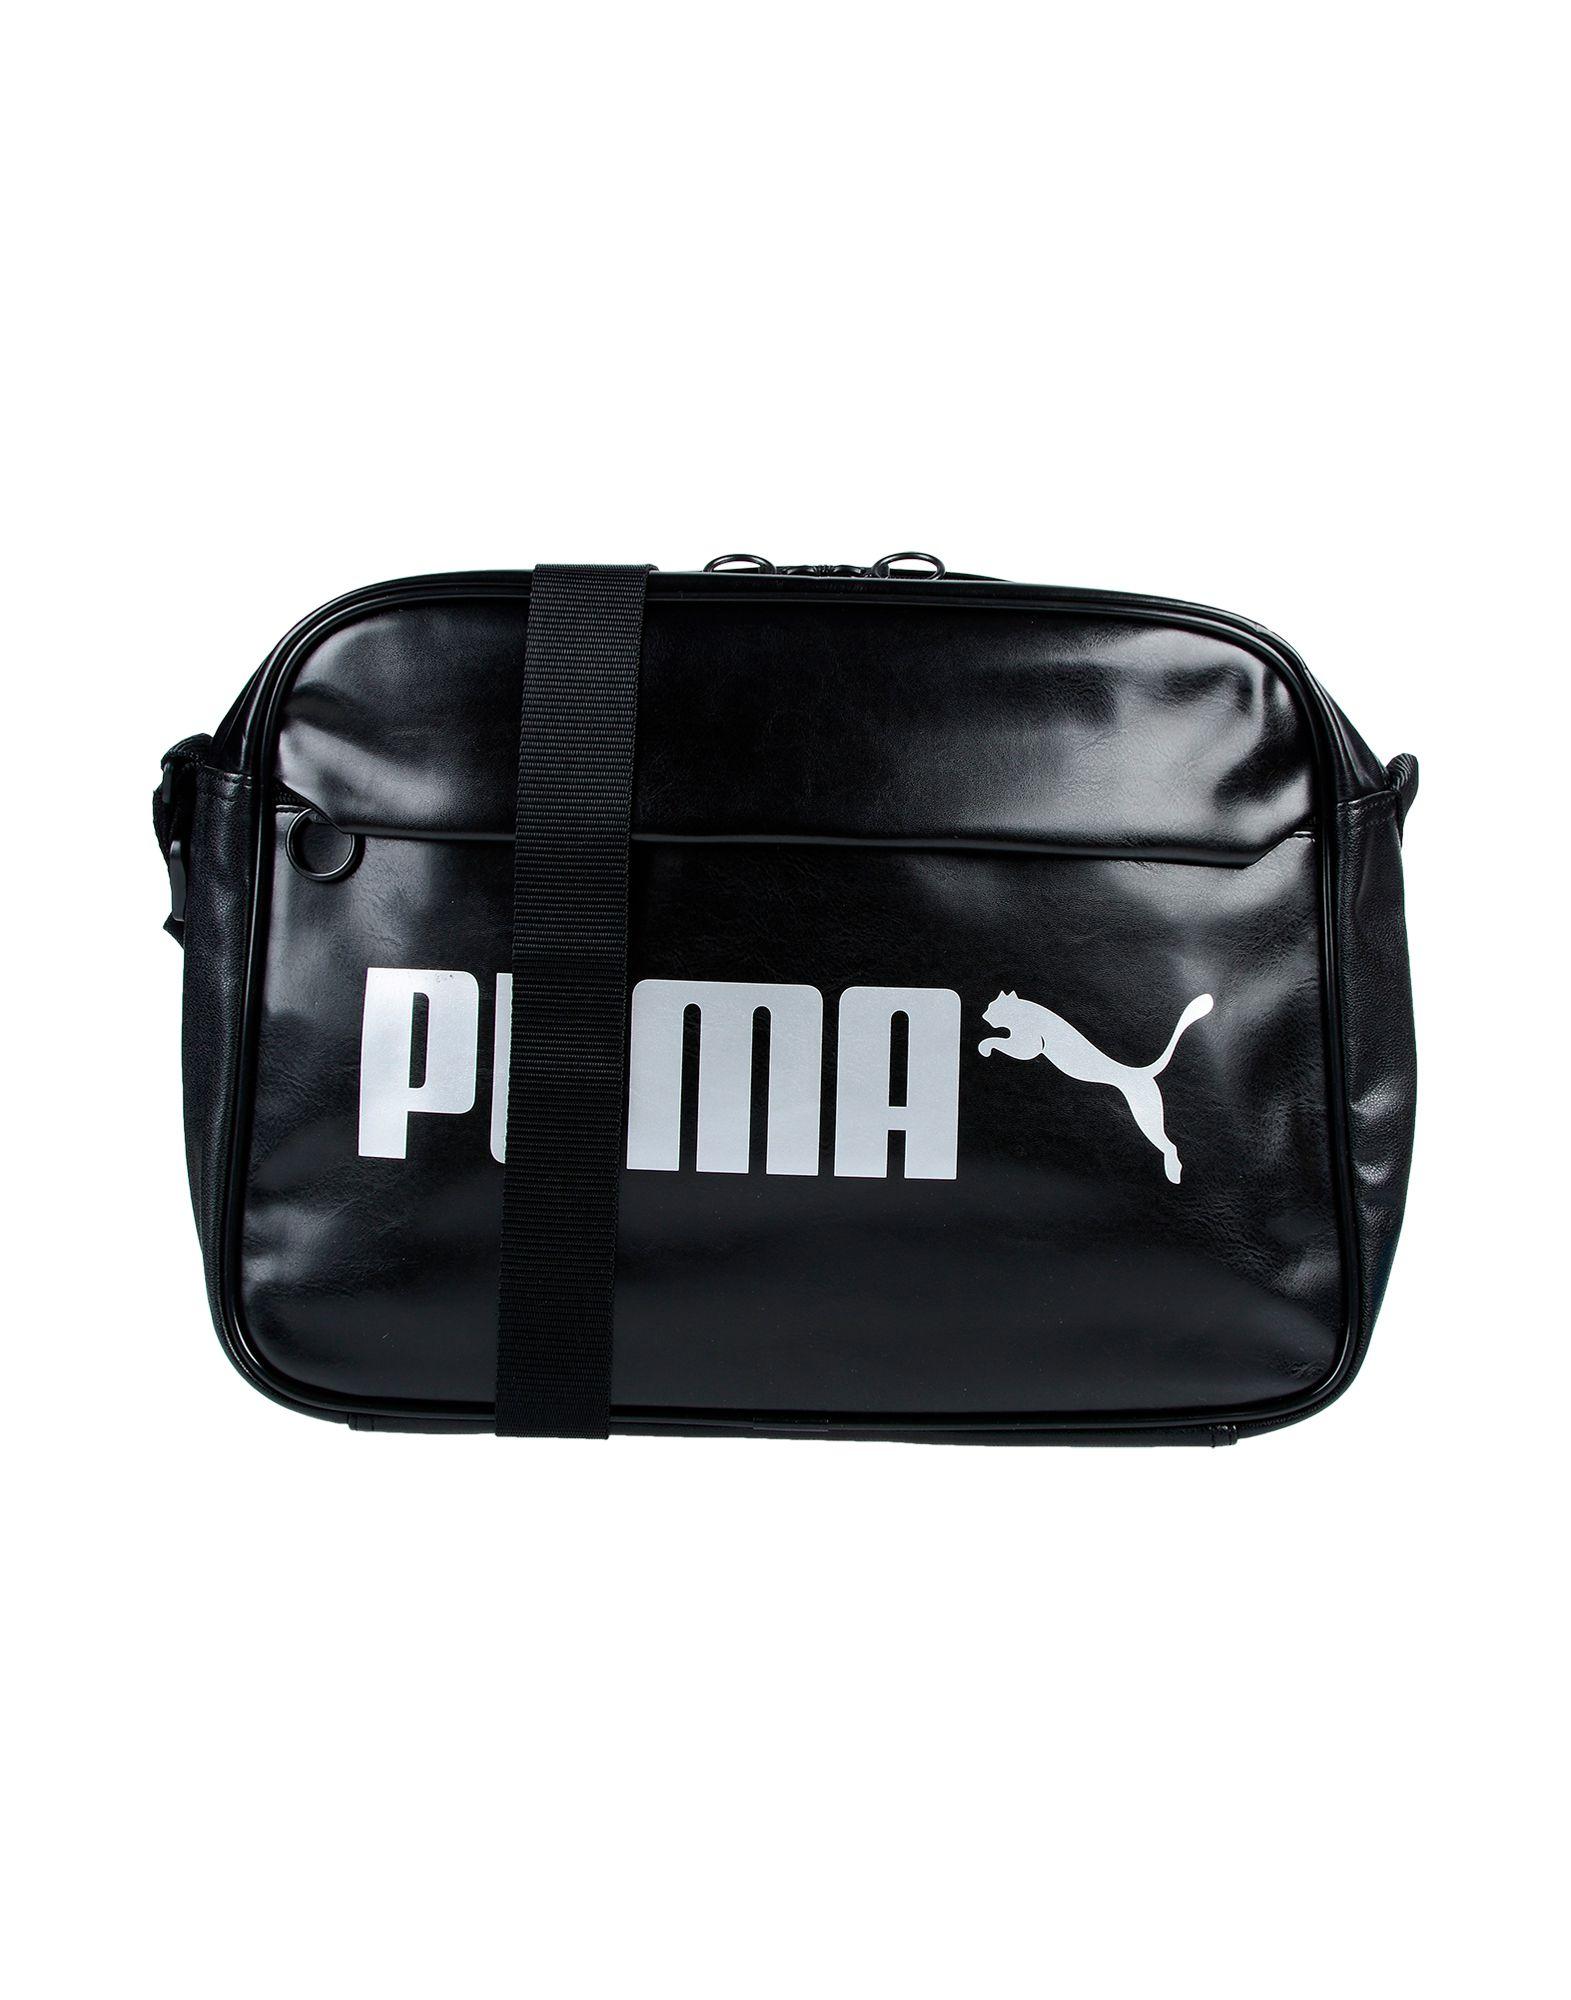 PUMA Деловые сумки сумки magnolia сумка женская a761 7363 лак искусственная кожа page 8